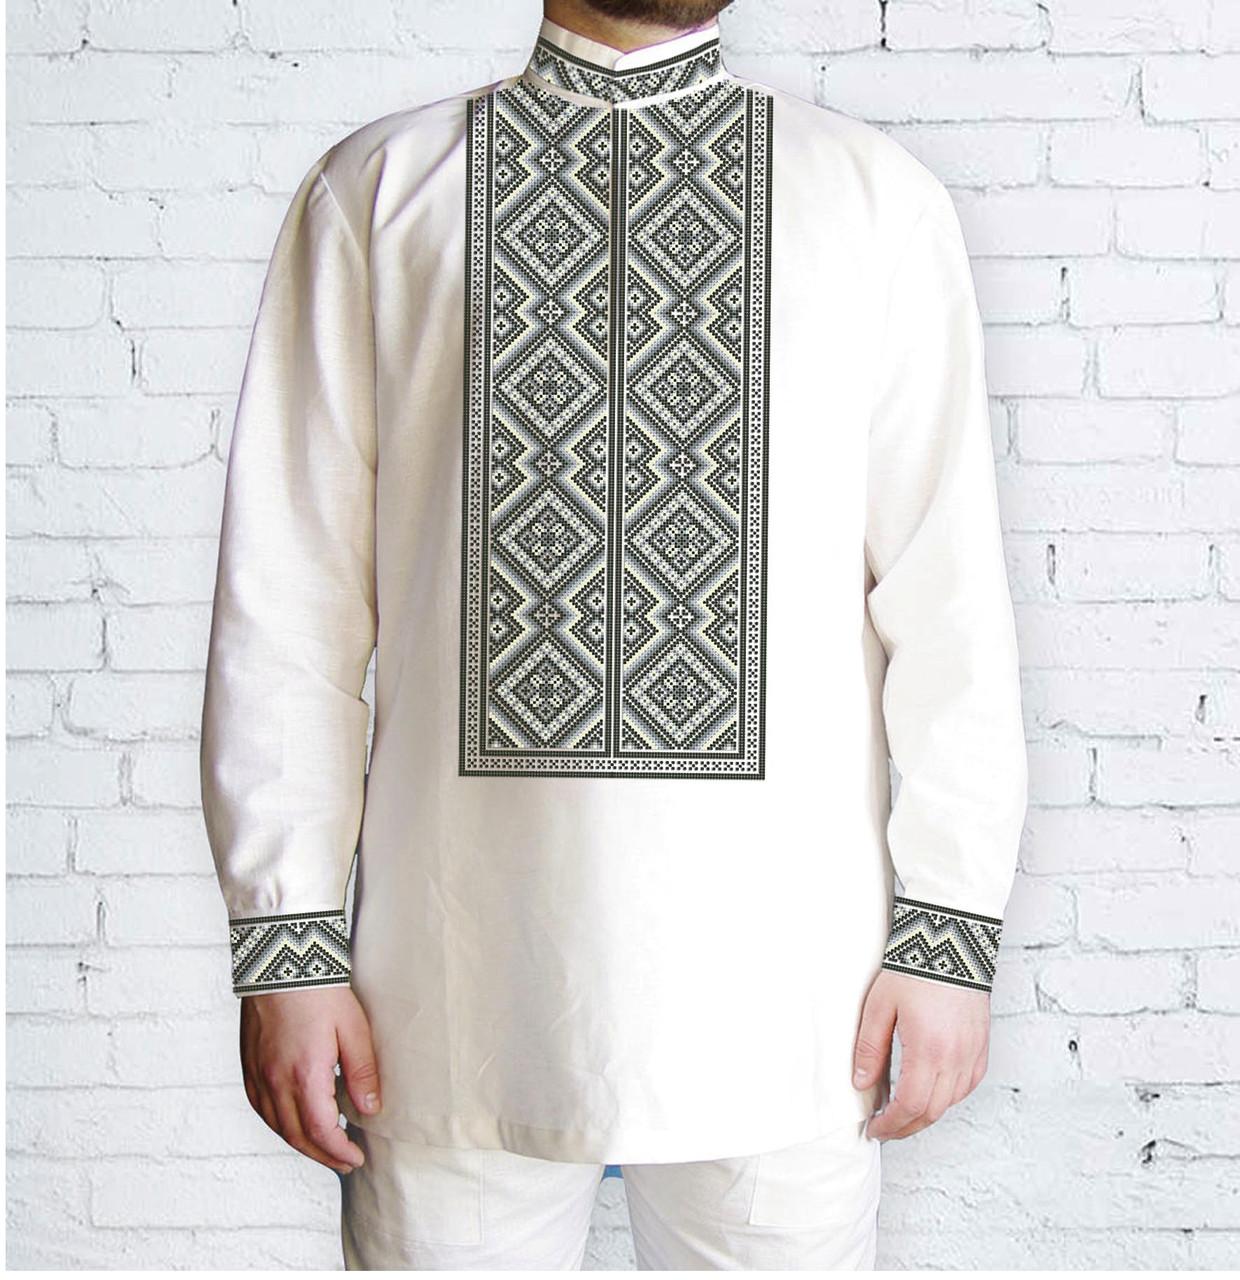 Заготовка чоловічої сорочки та вишиванки для вишивки чи вишивання бісером Бисерок «Монохром» (Ч-576 )